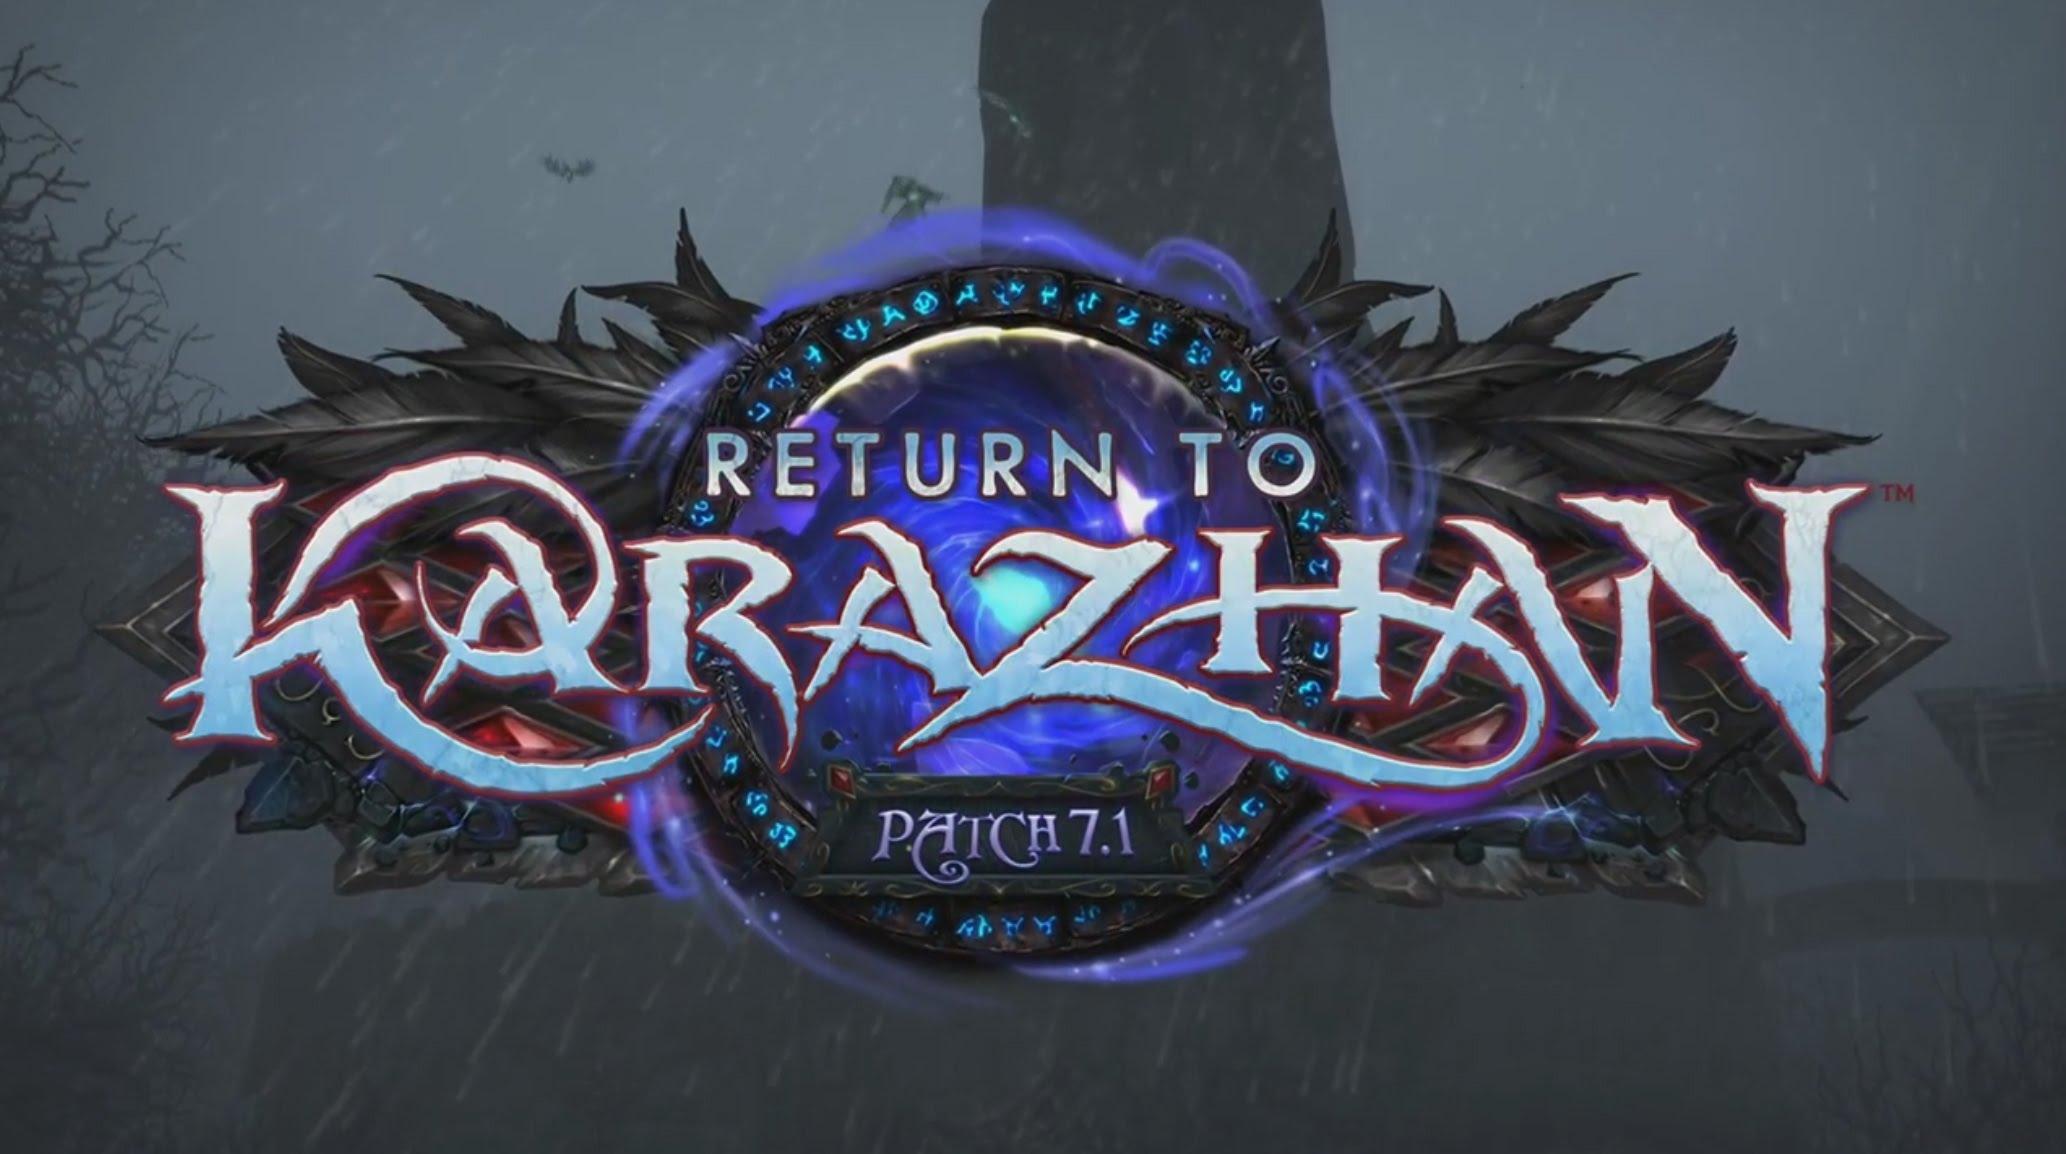 World of Warcraft Patch 7.1 Zusammenfassung